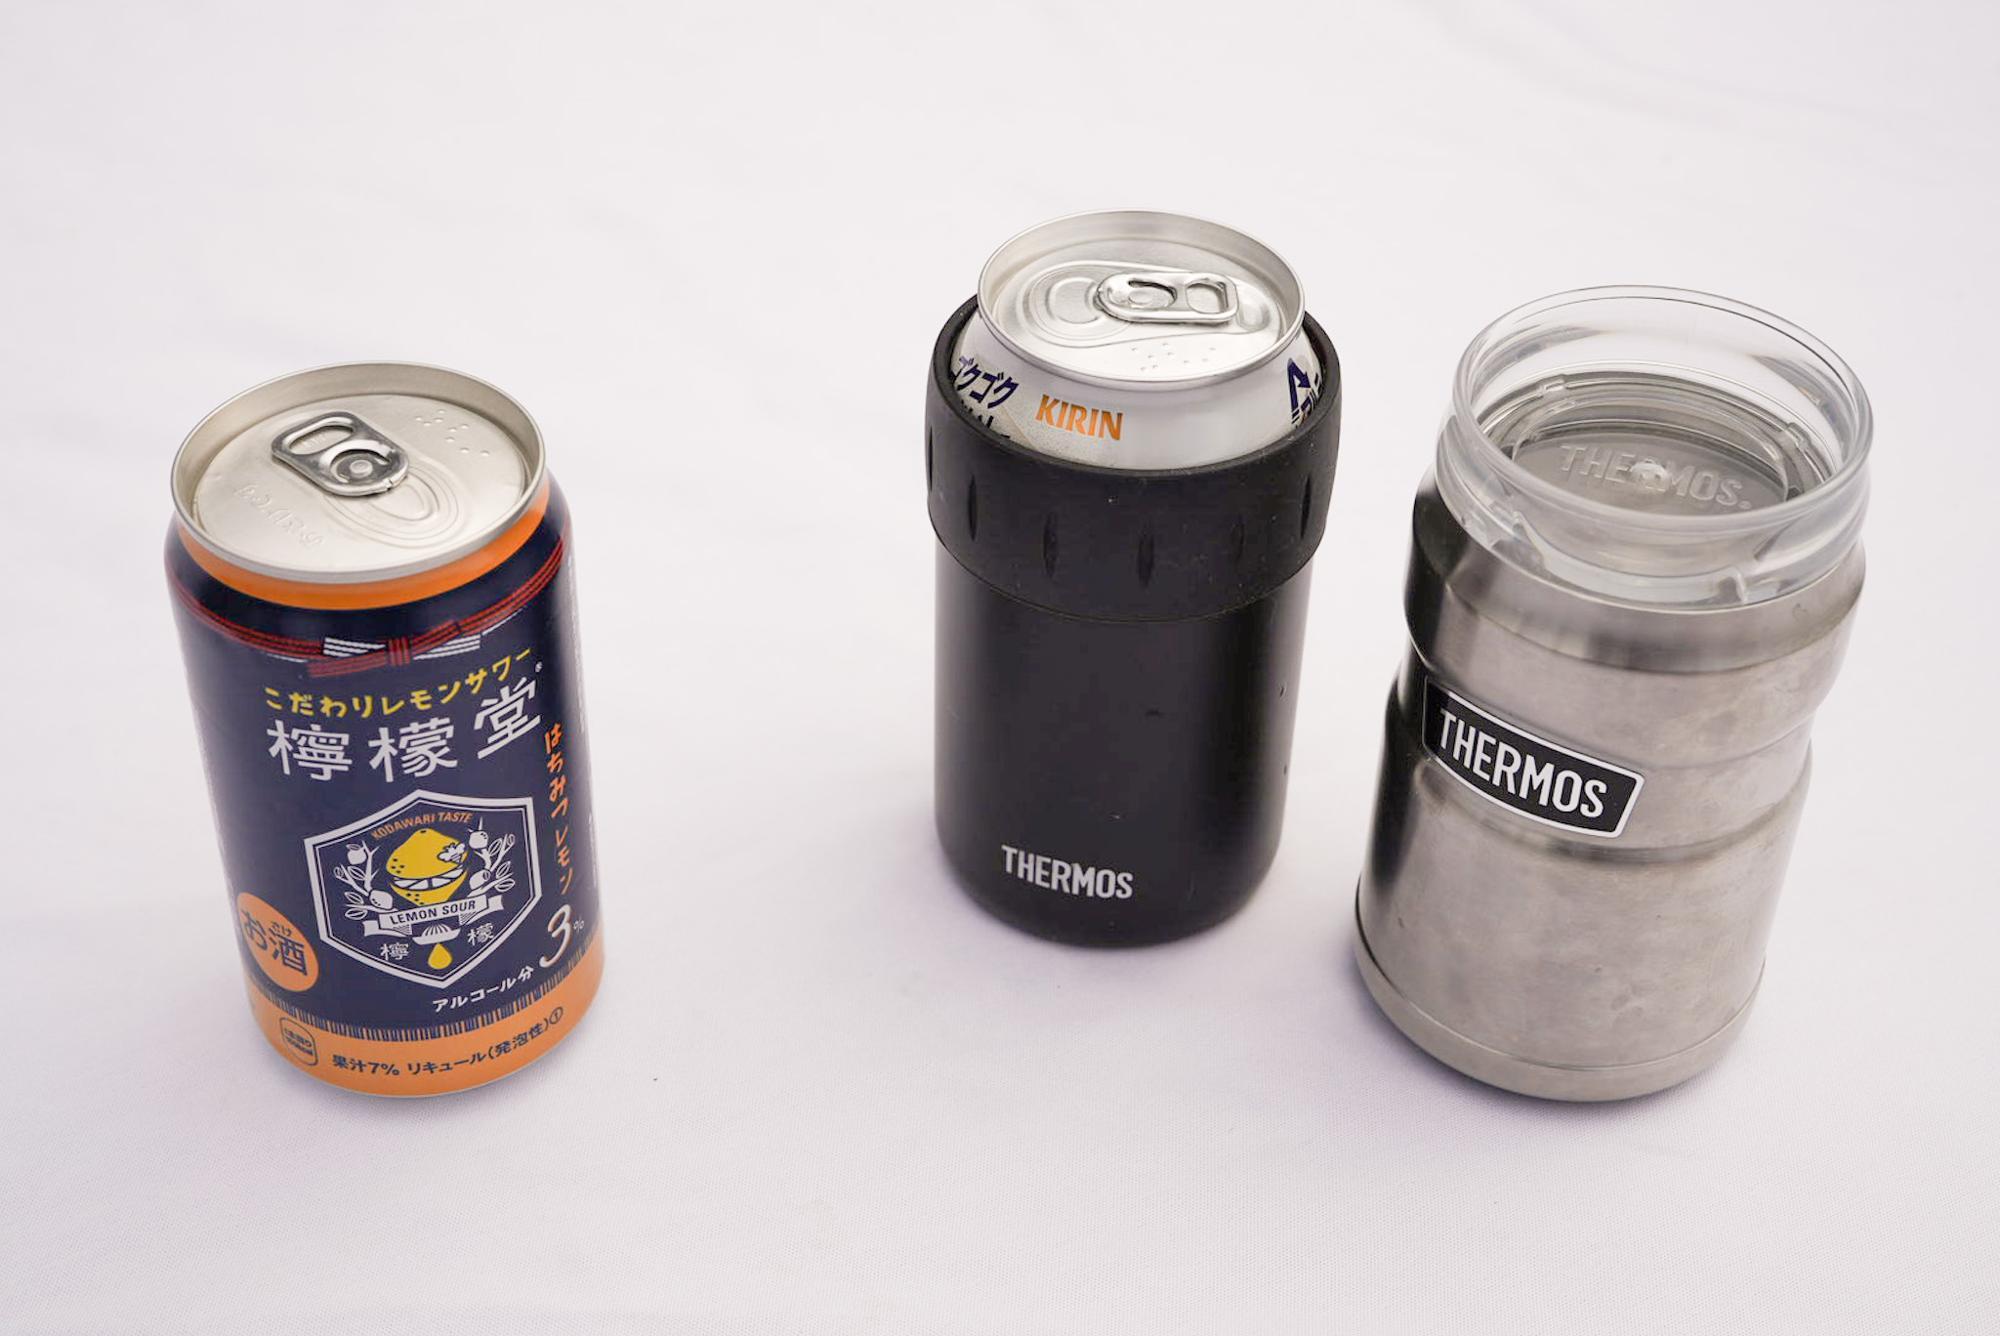 350ml缶用ながら500ml缶も使える缶ホルダー(どうせひとくち、ふたくち飲むのですから問題なし)。缶ホルダーに限って小は大をかねます